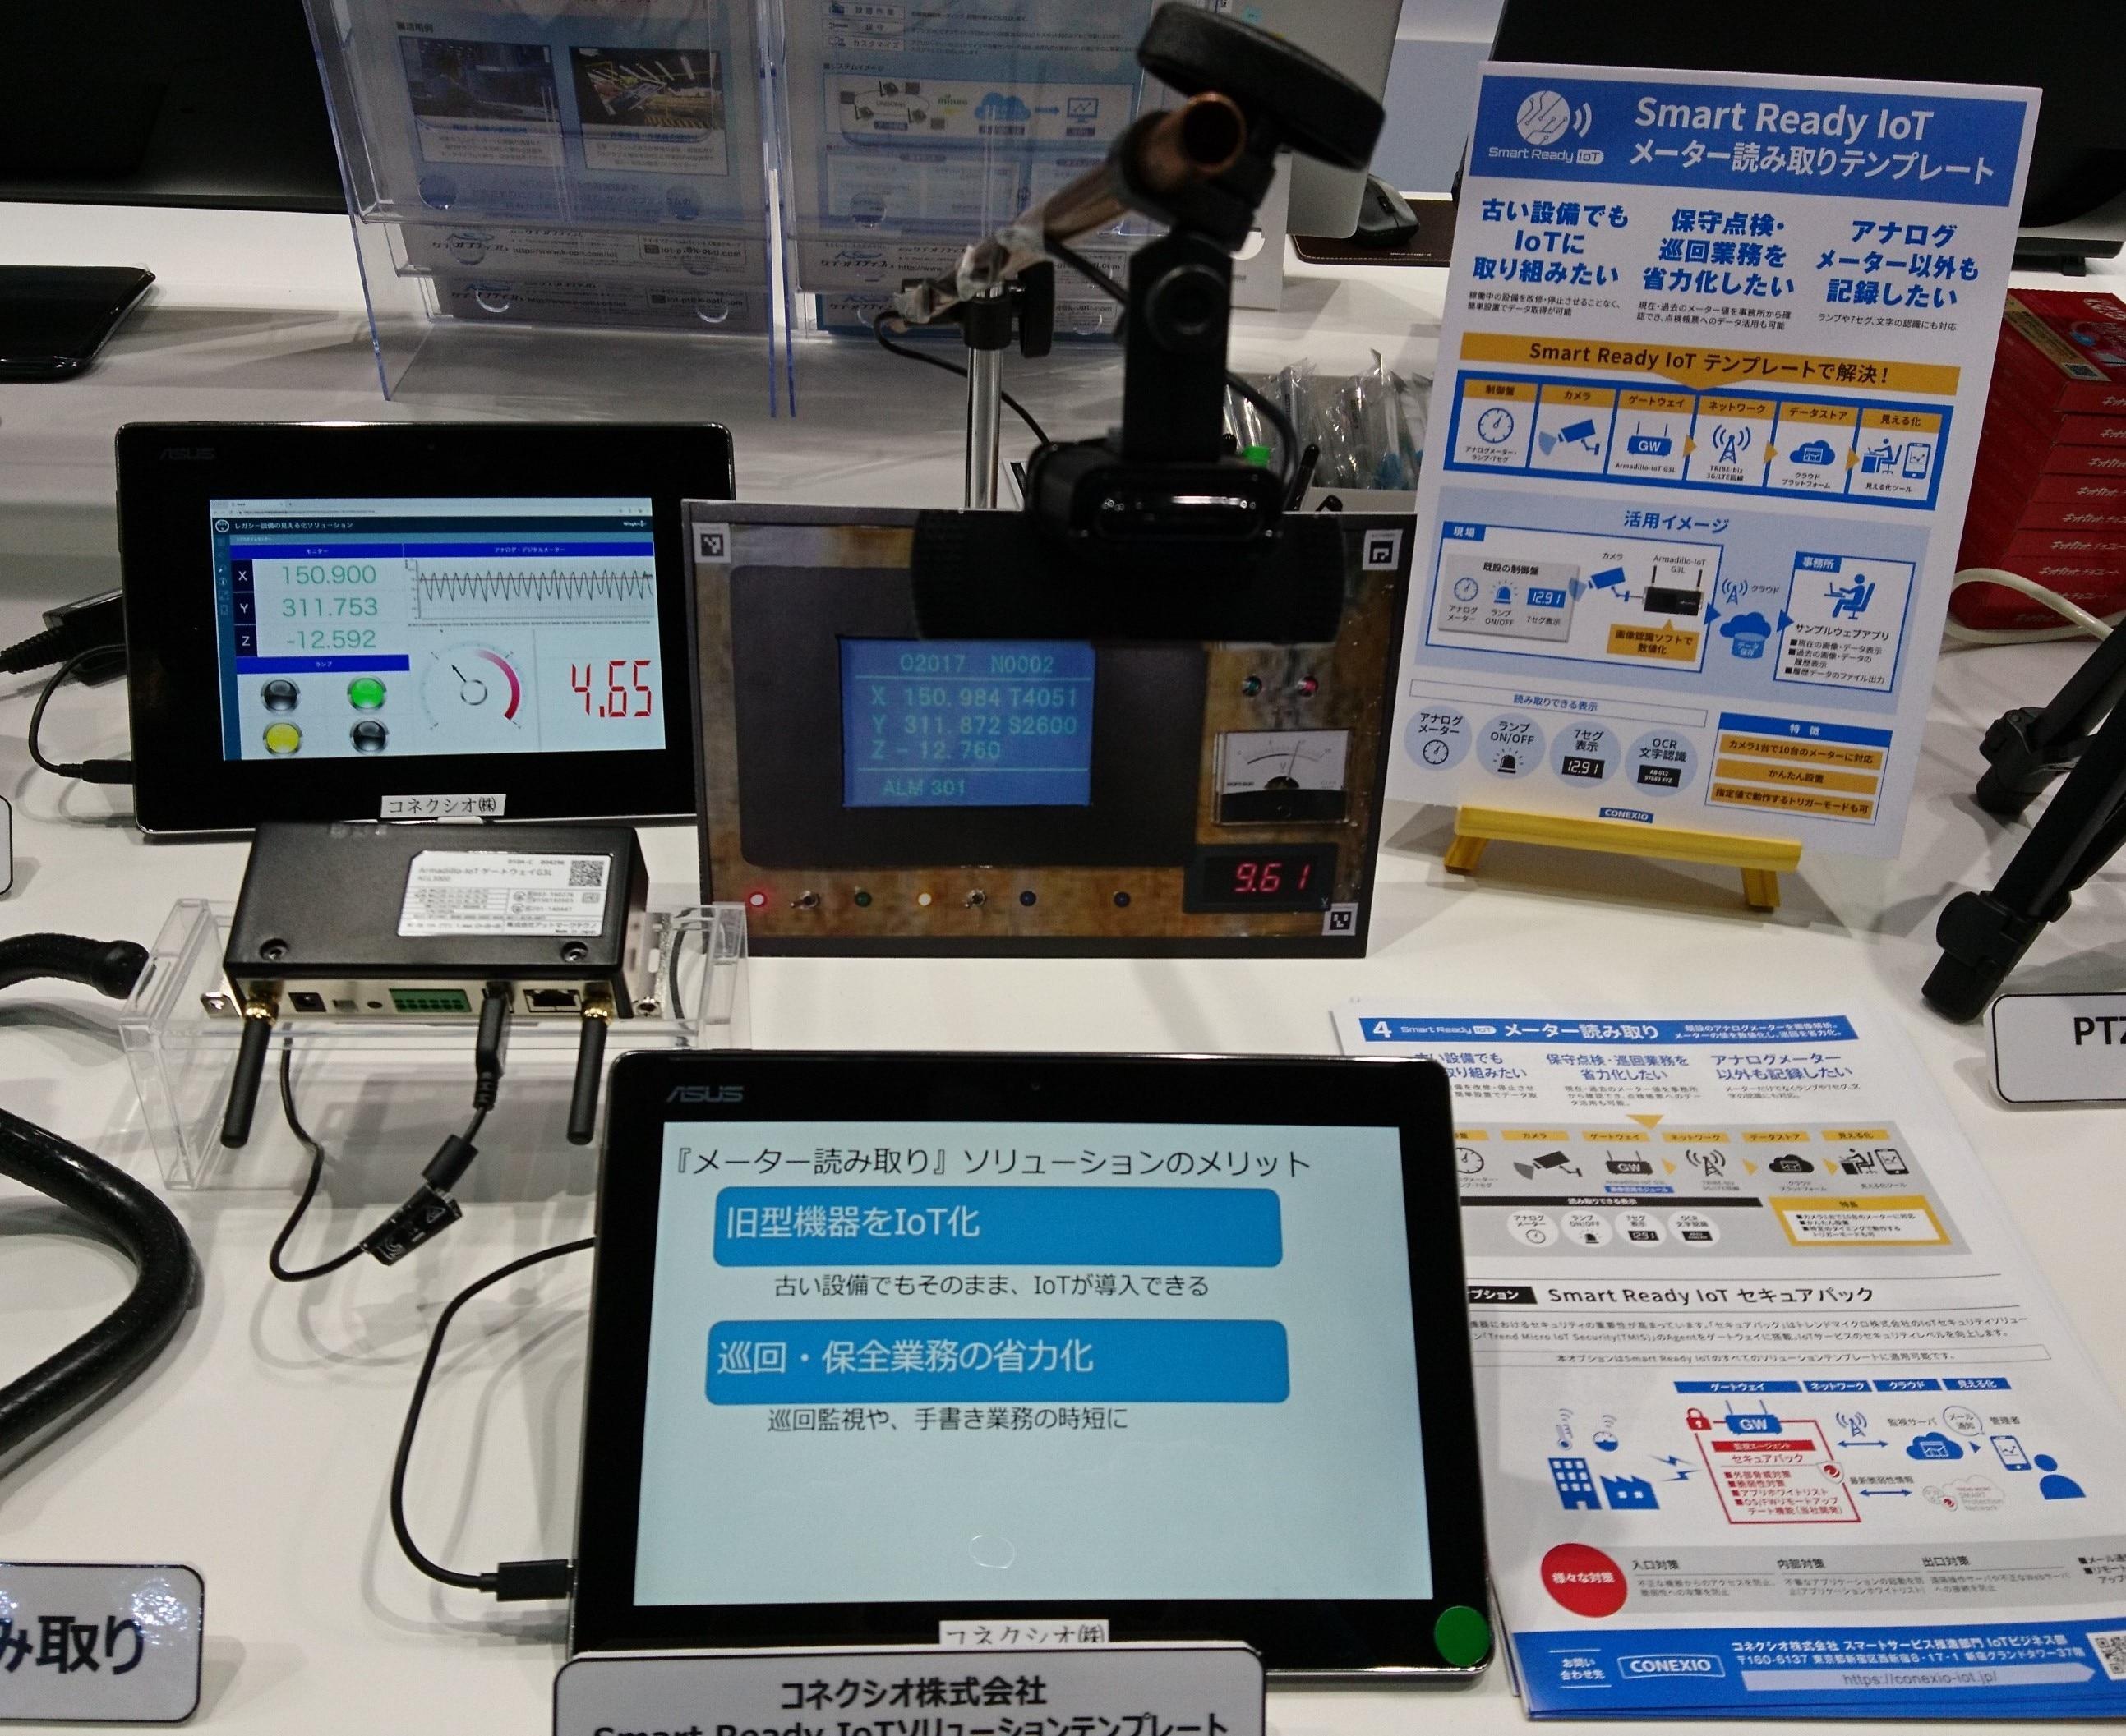 メーター読み取り展示 於関西IoT/M2M展